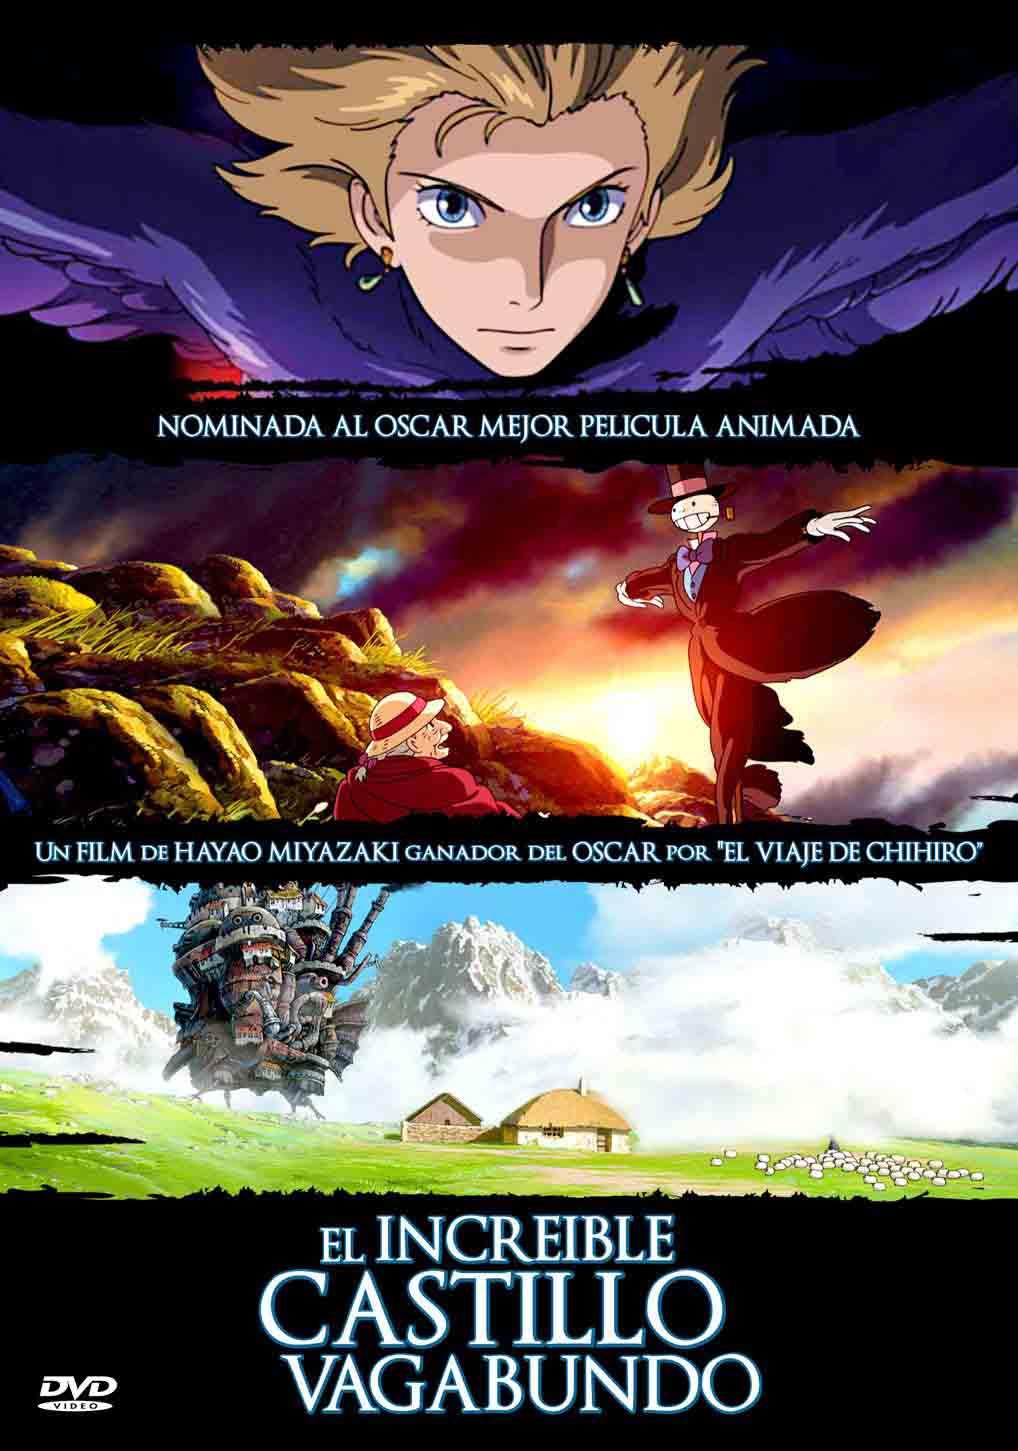 el_increible_castillo_vagabundo_menshadowh_1